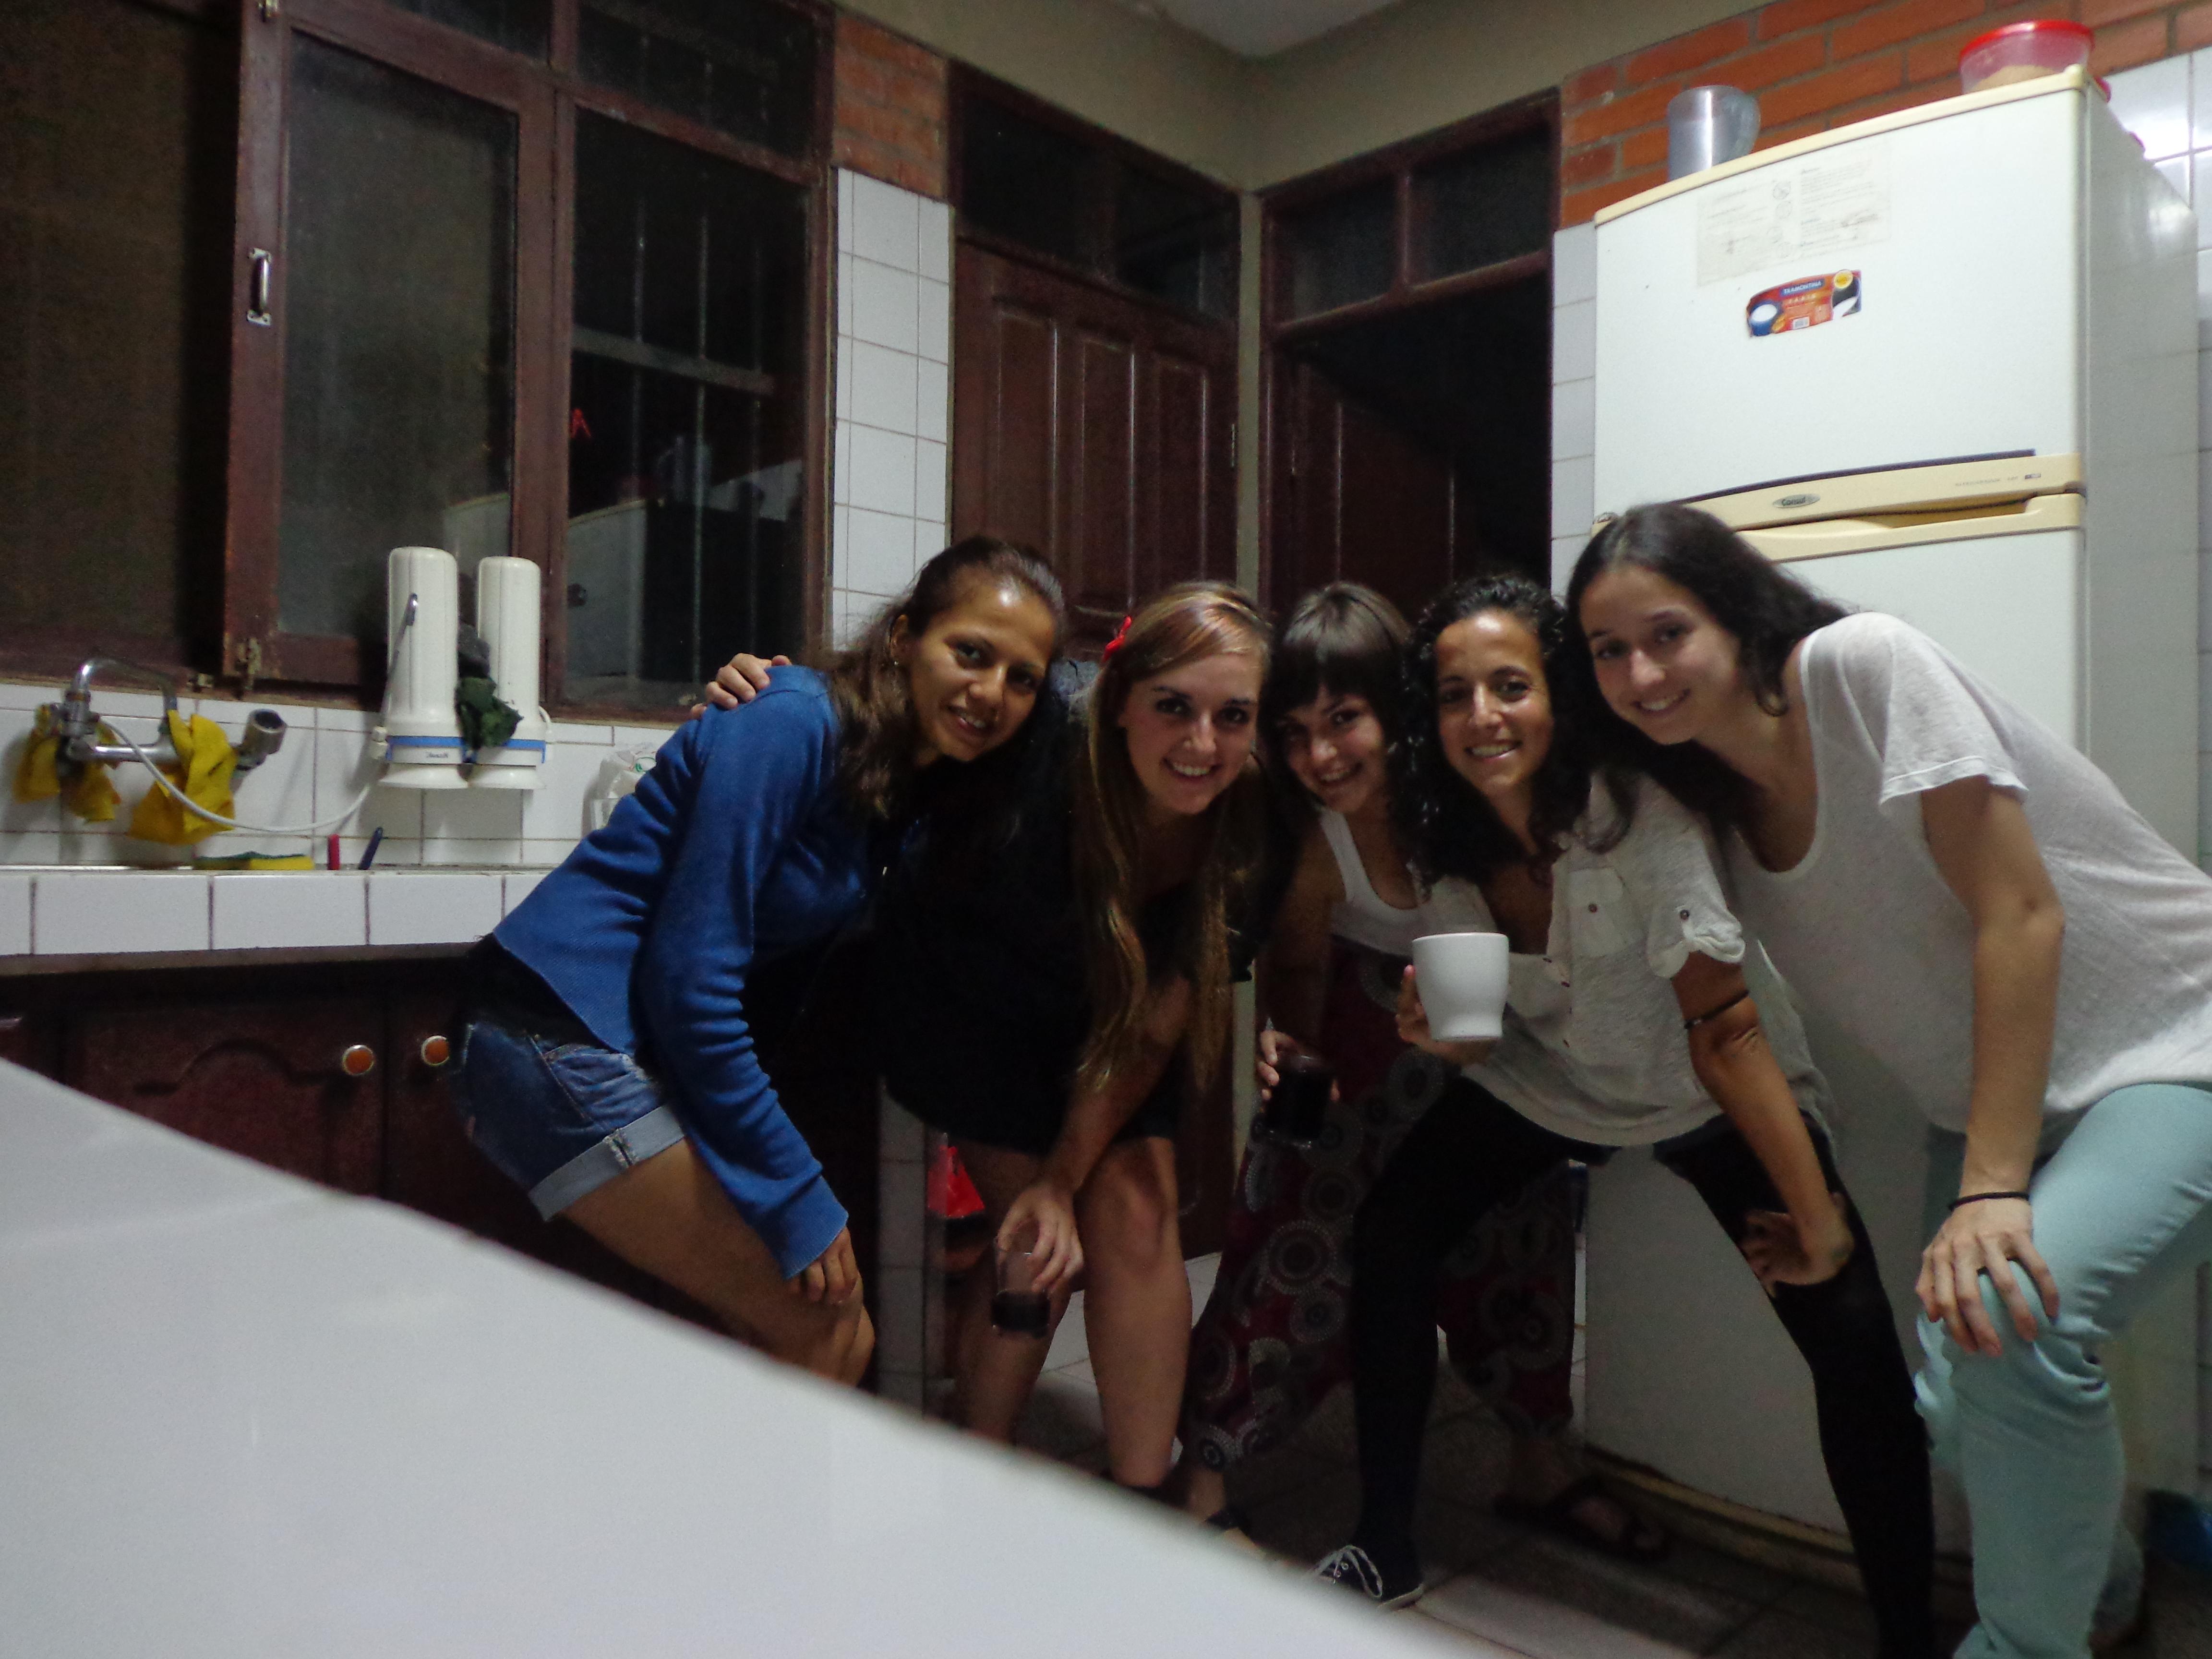 Tomando una copita de sábado noche. De izquierda a derecha: Wilma, Lucía, Ana, Cristina y Claudia